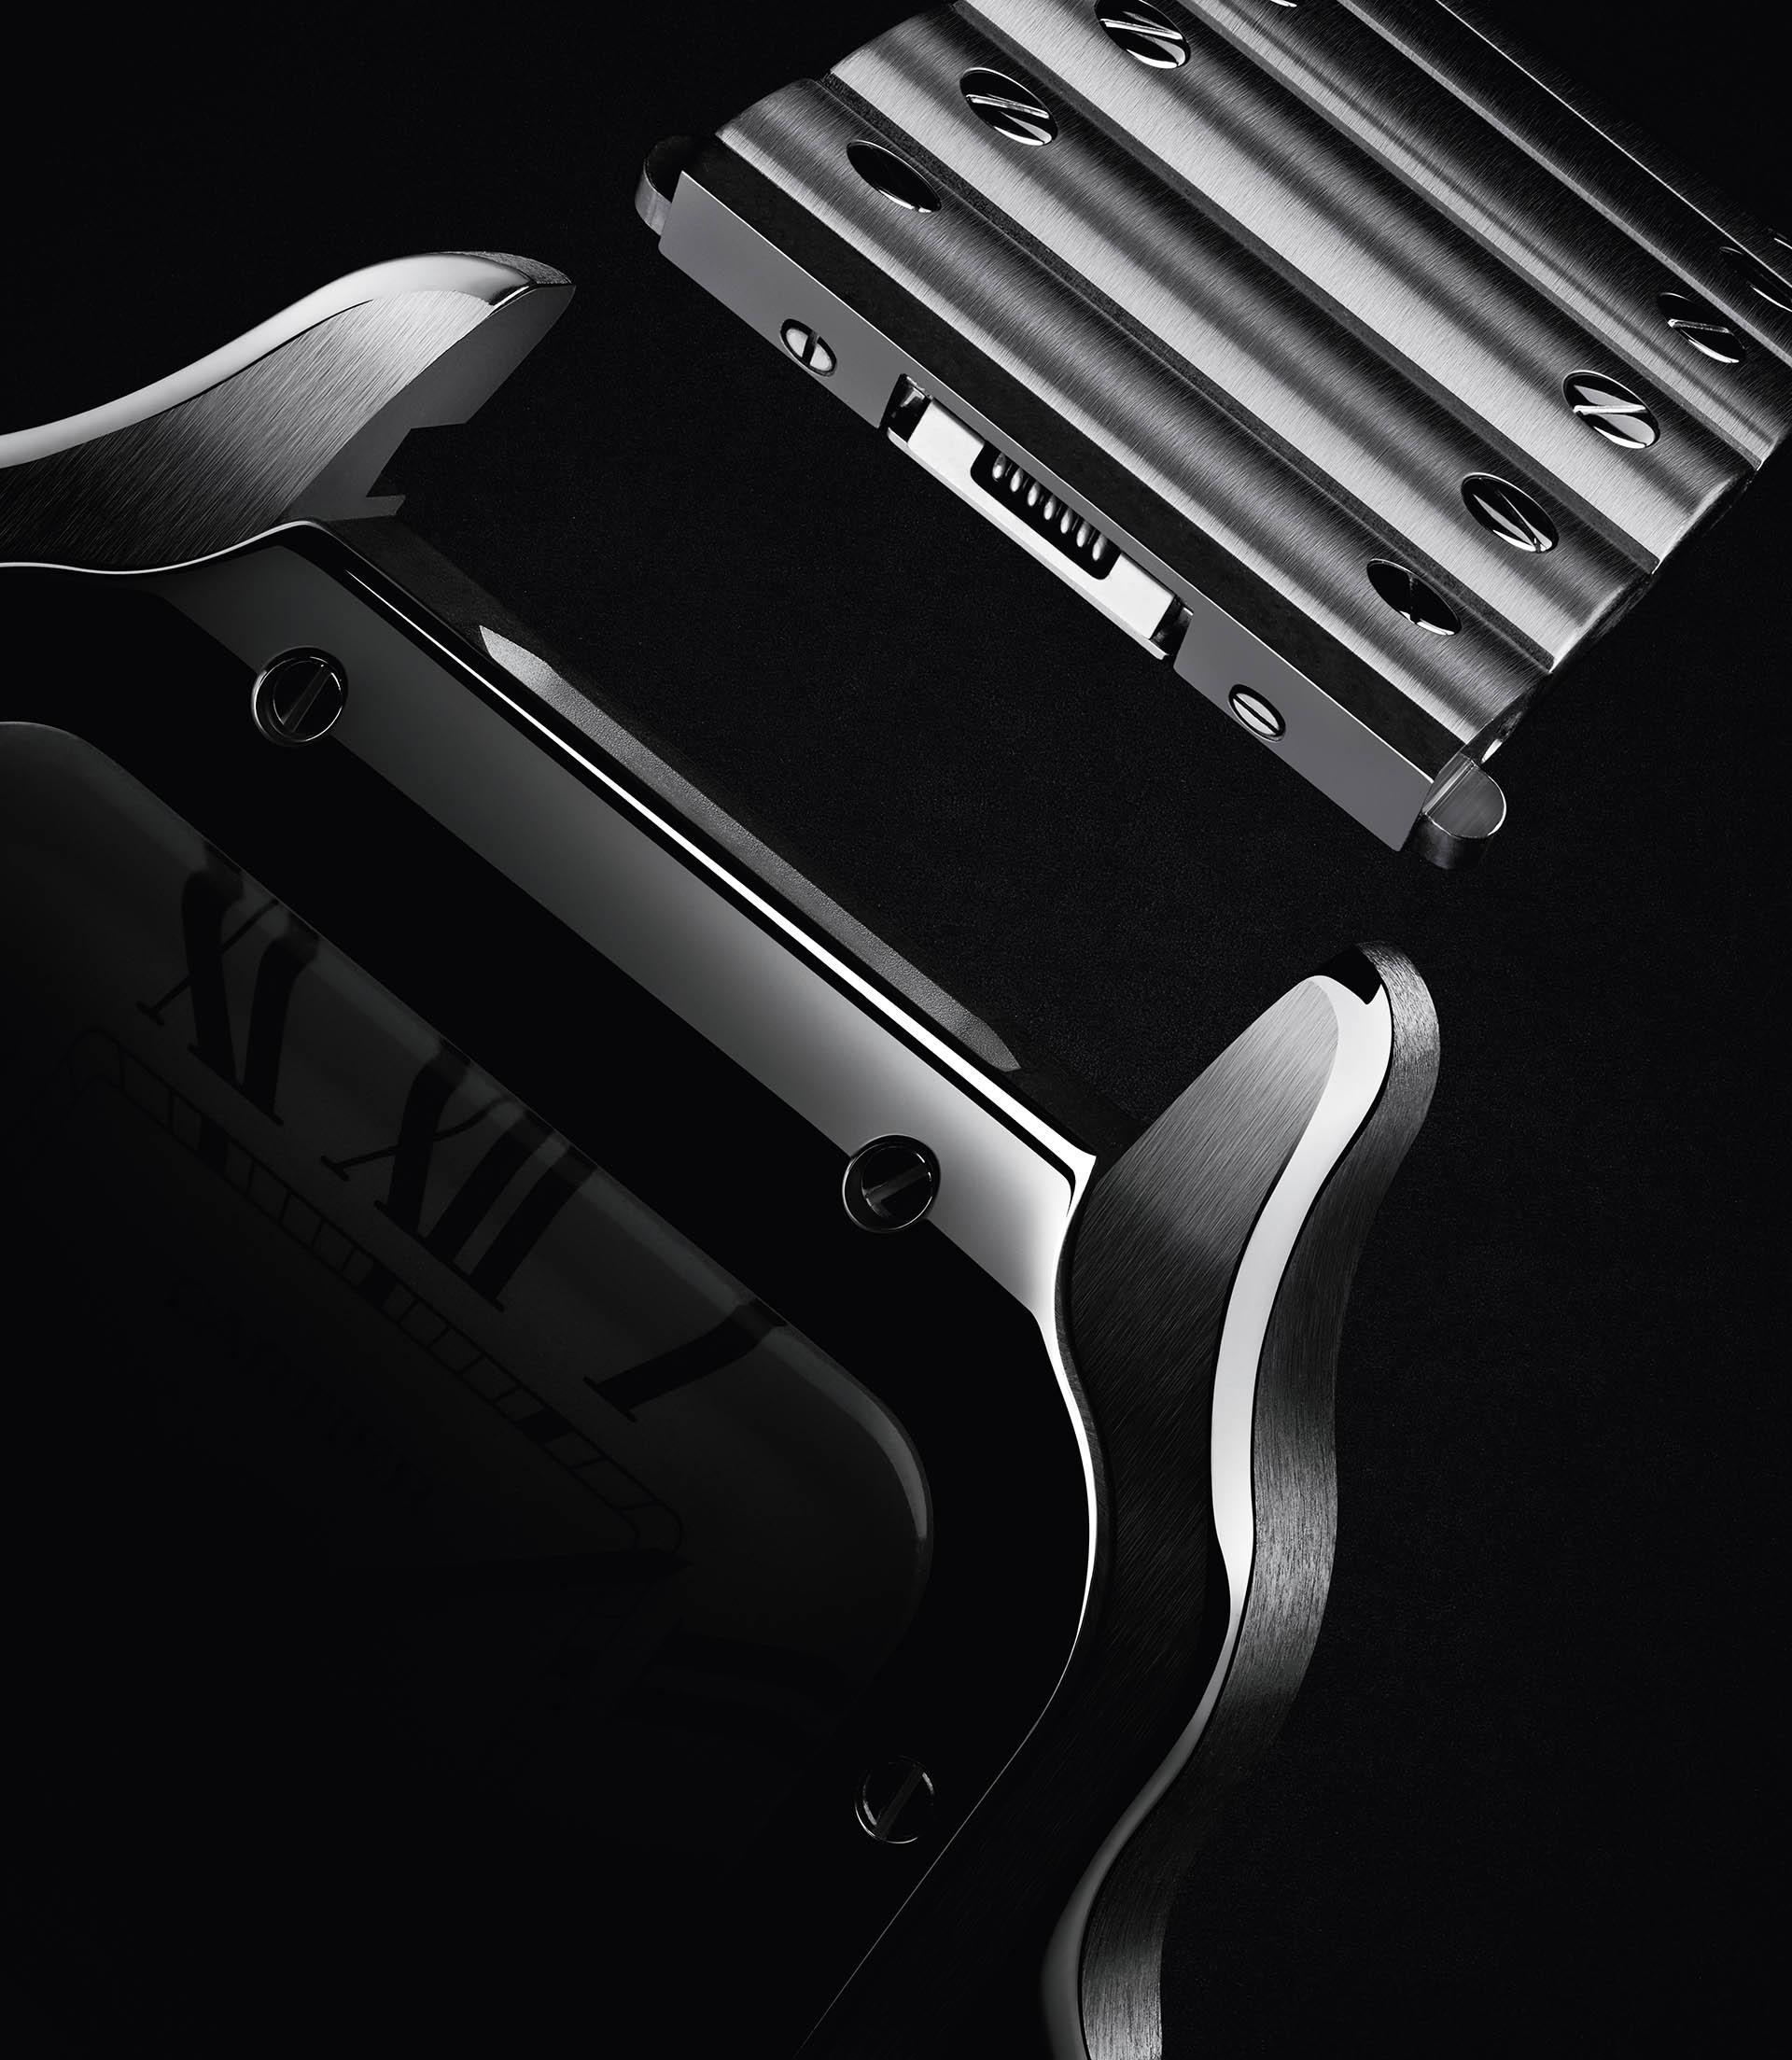 Das neue QuickSwitch-Armbandwechselsystem ermöglicht bei der Santos de Cartier den komfortablen Austausch des Armbands.